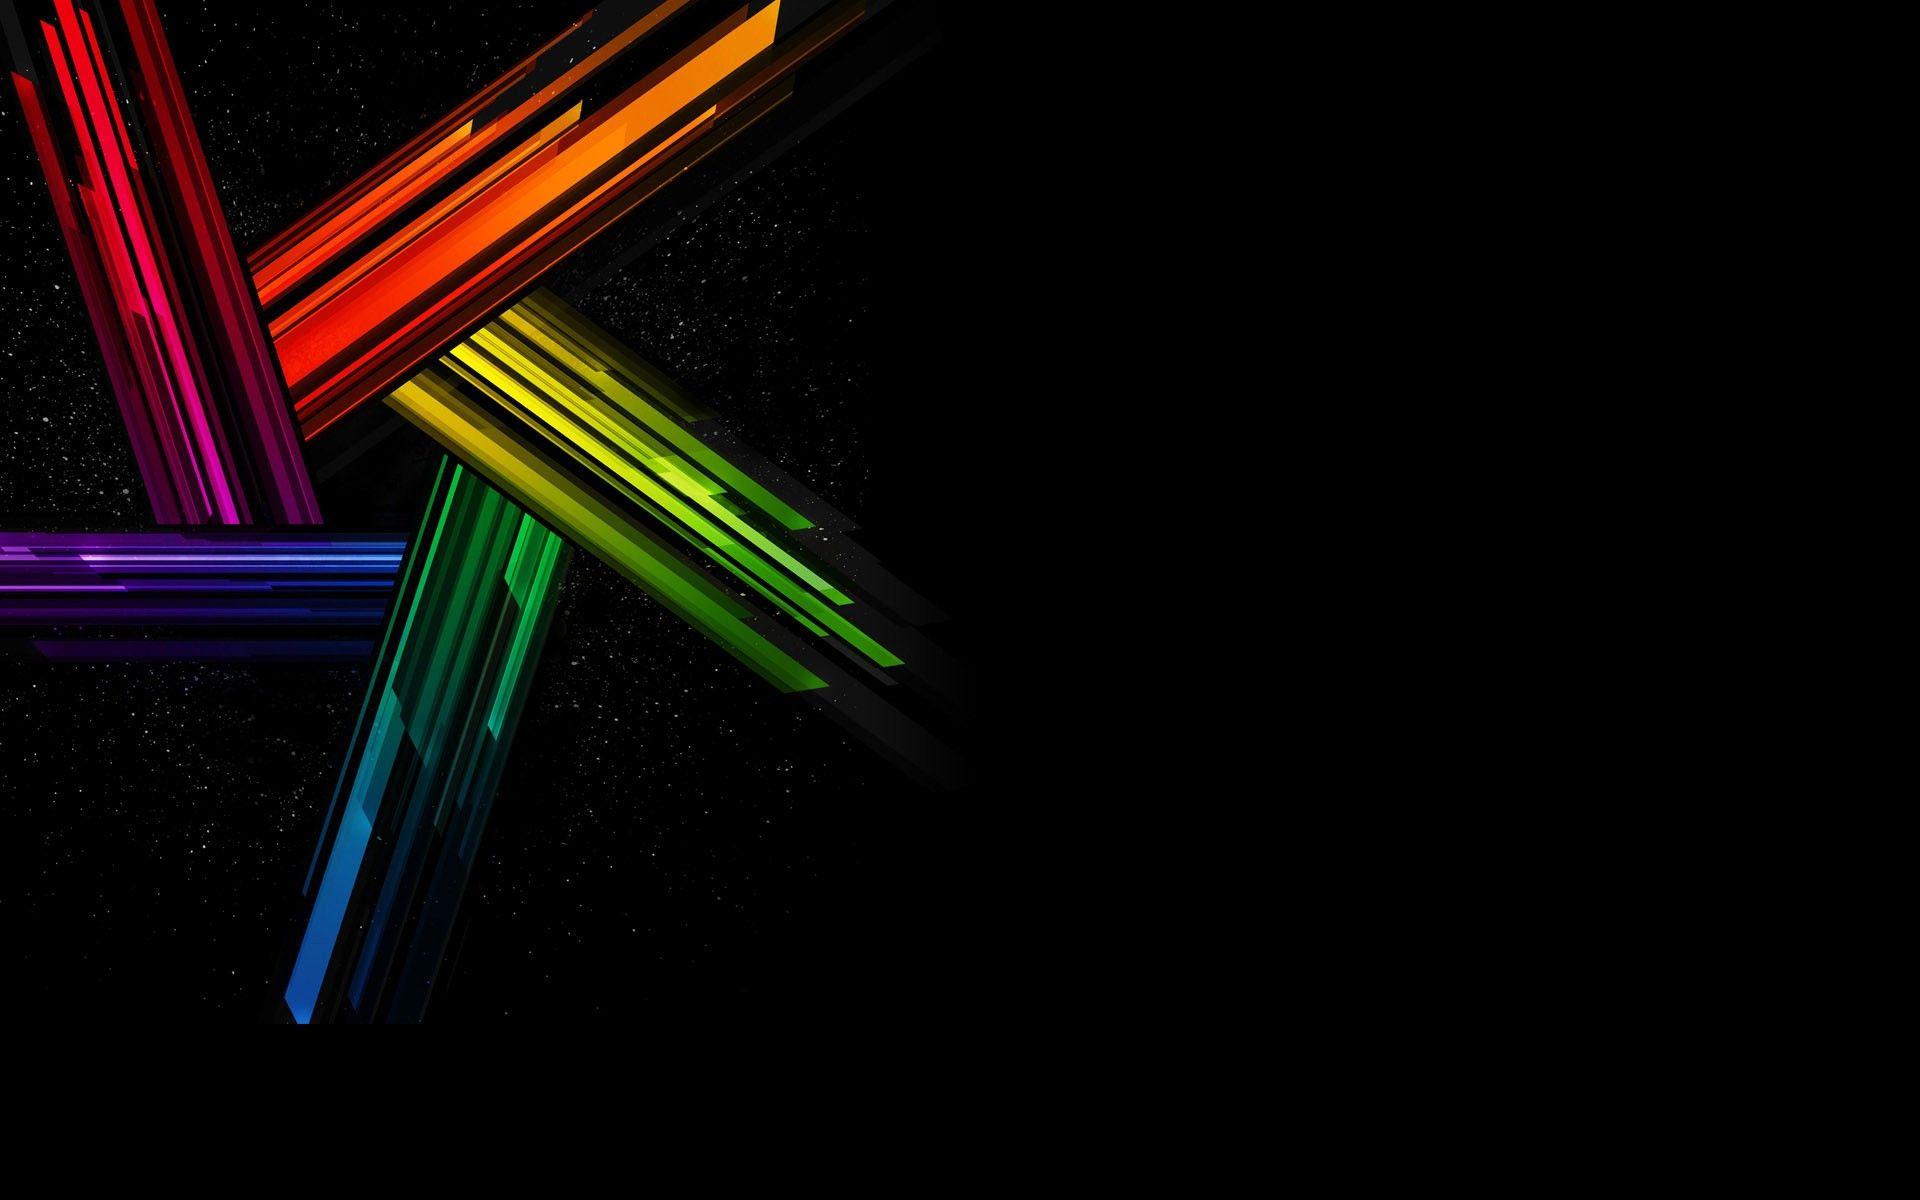 hd neon wallpaper